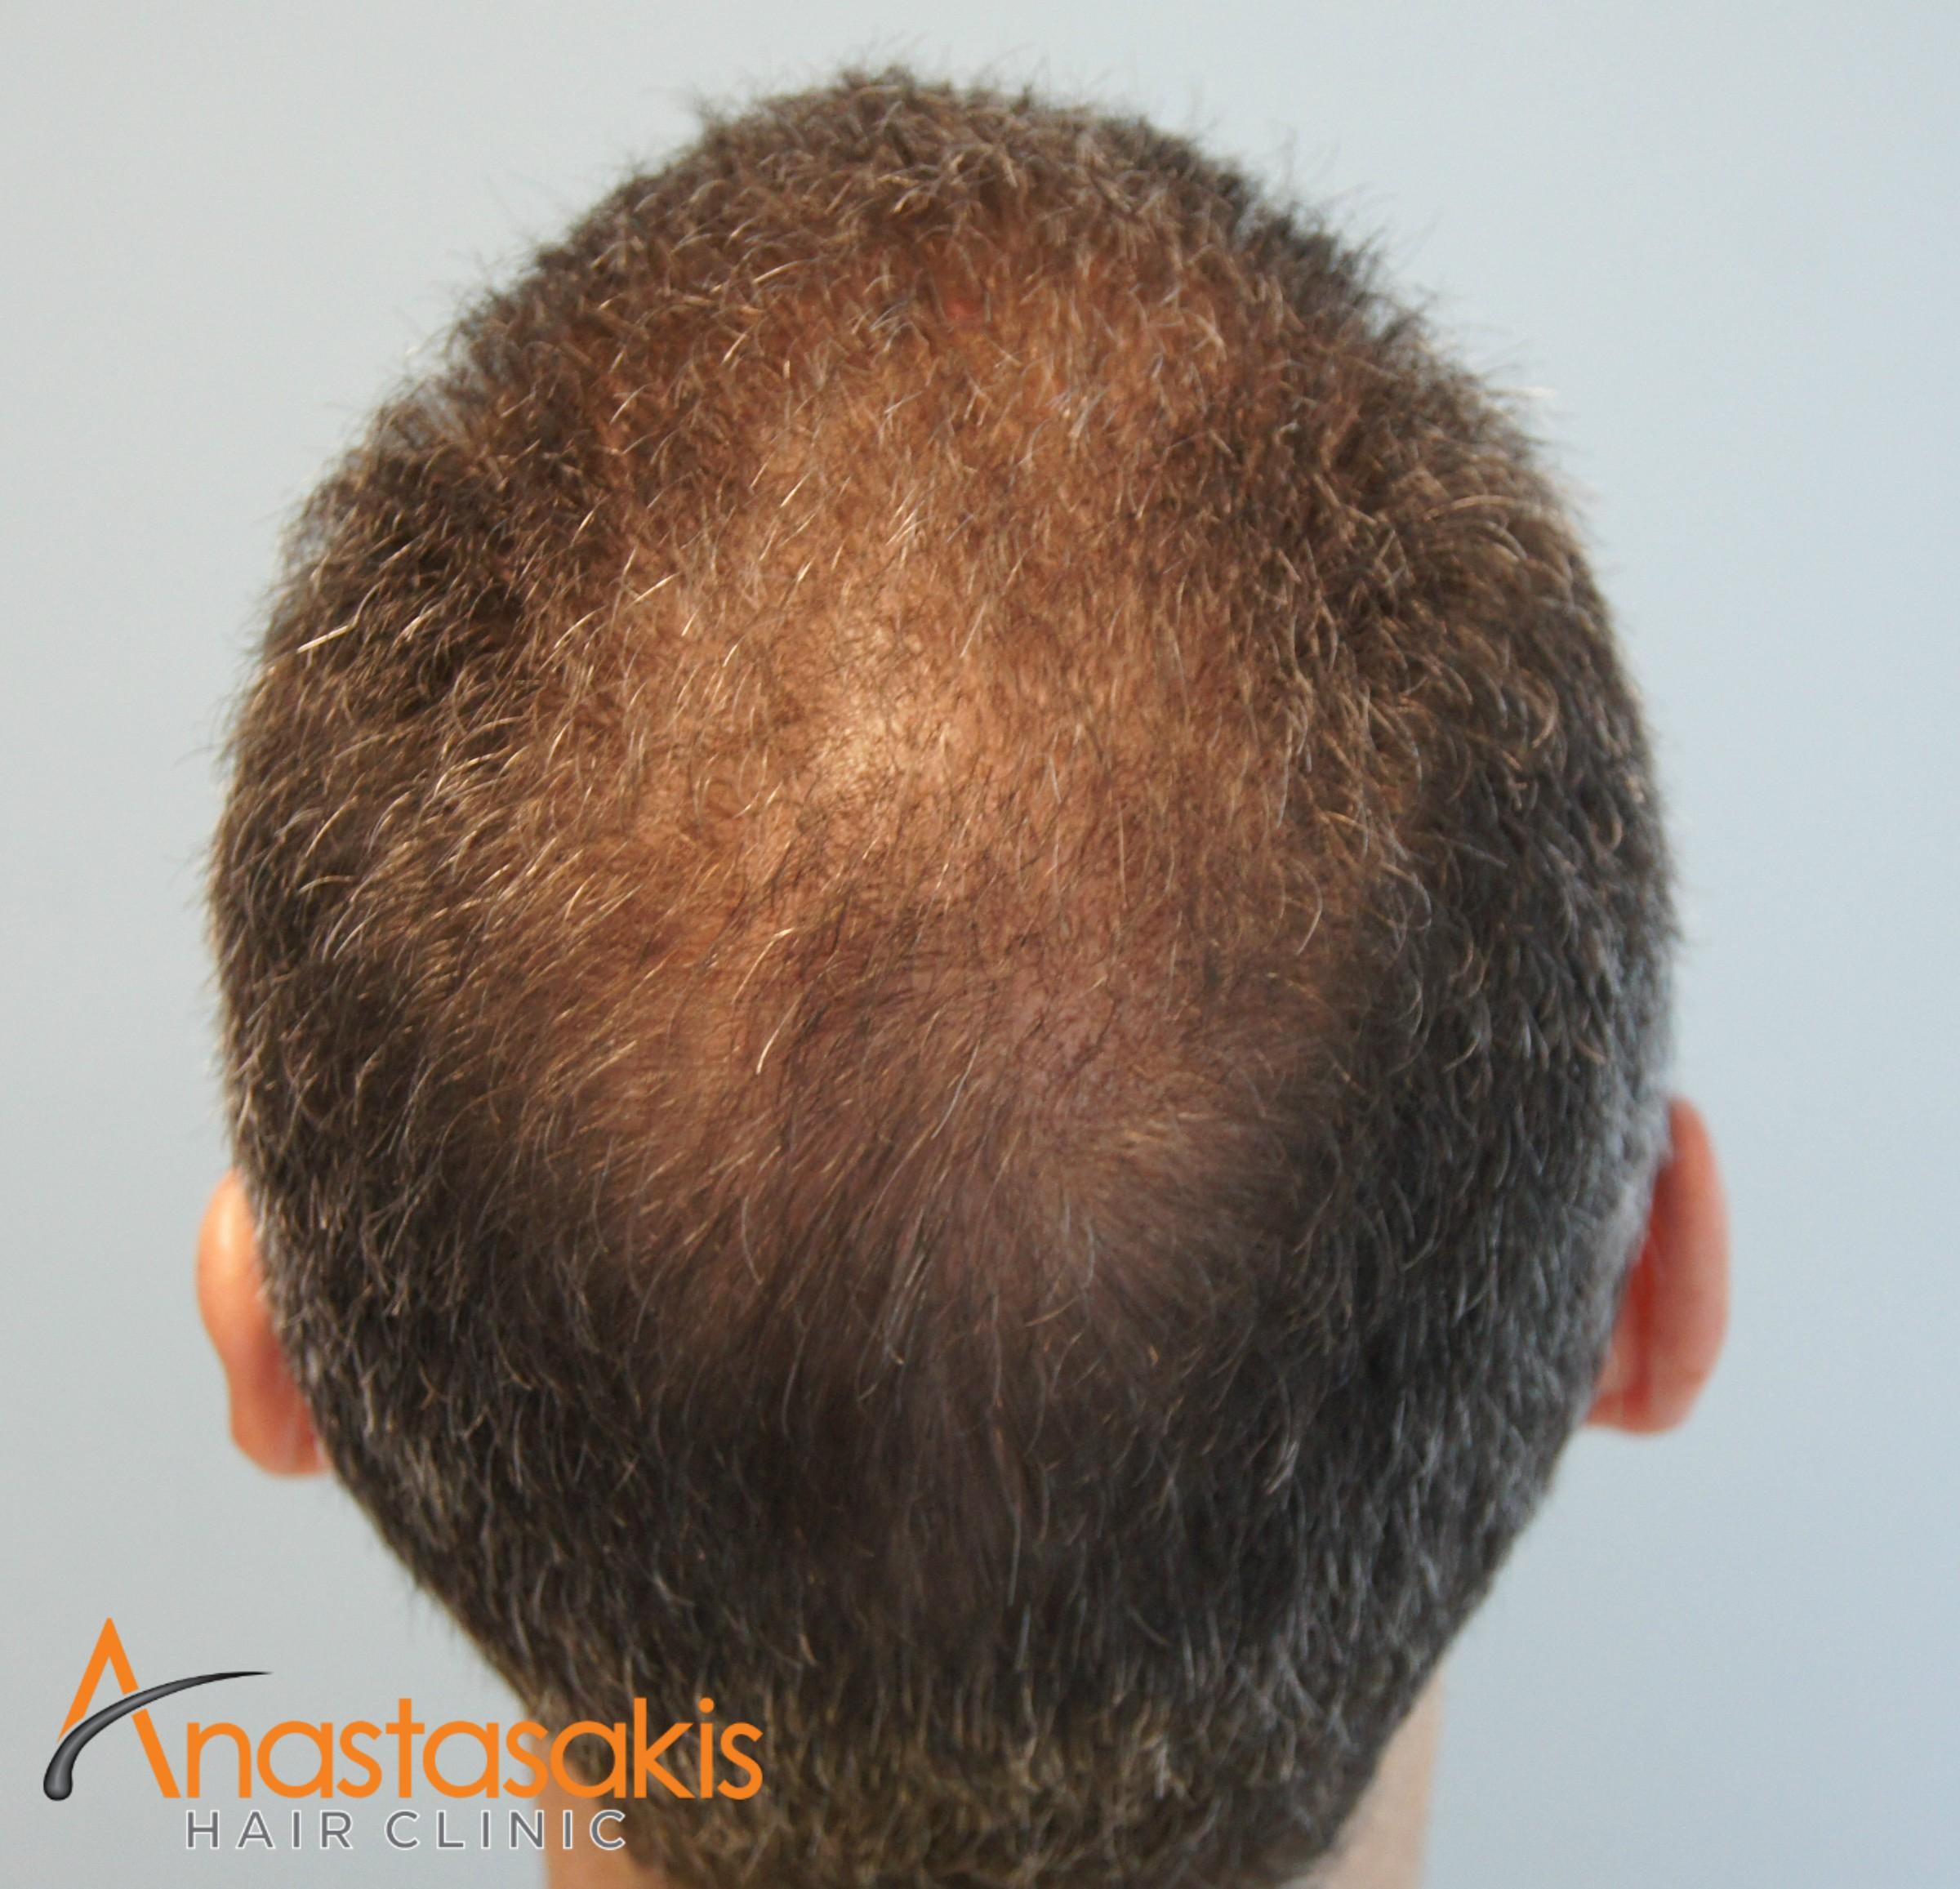 κορυφη ασθενους μετα τη μεταμοσχευση μαλλιων με 2300 fus